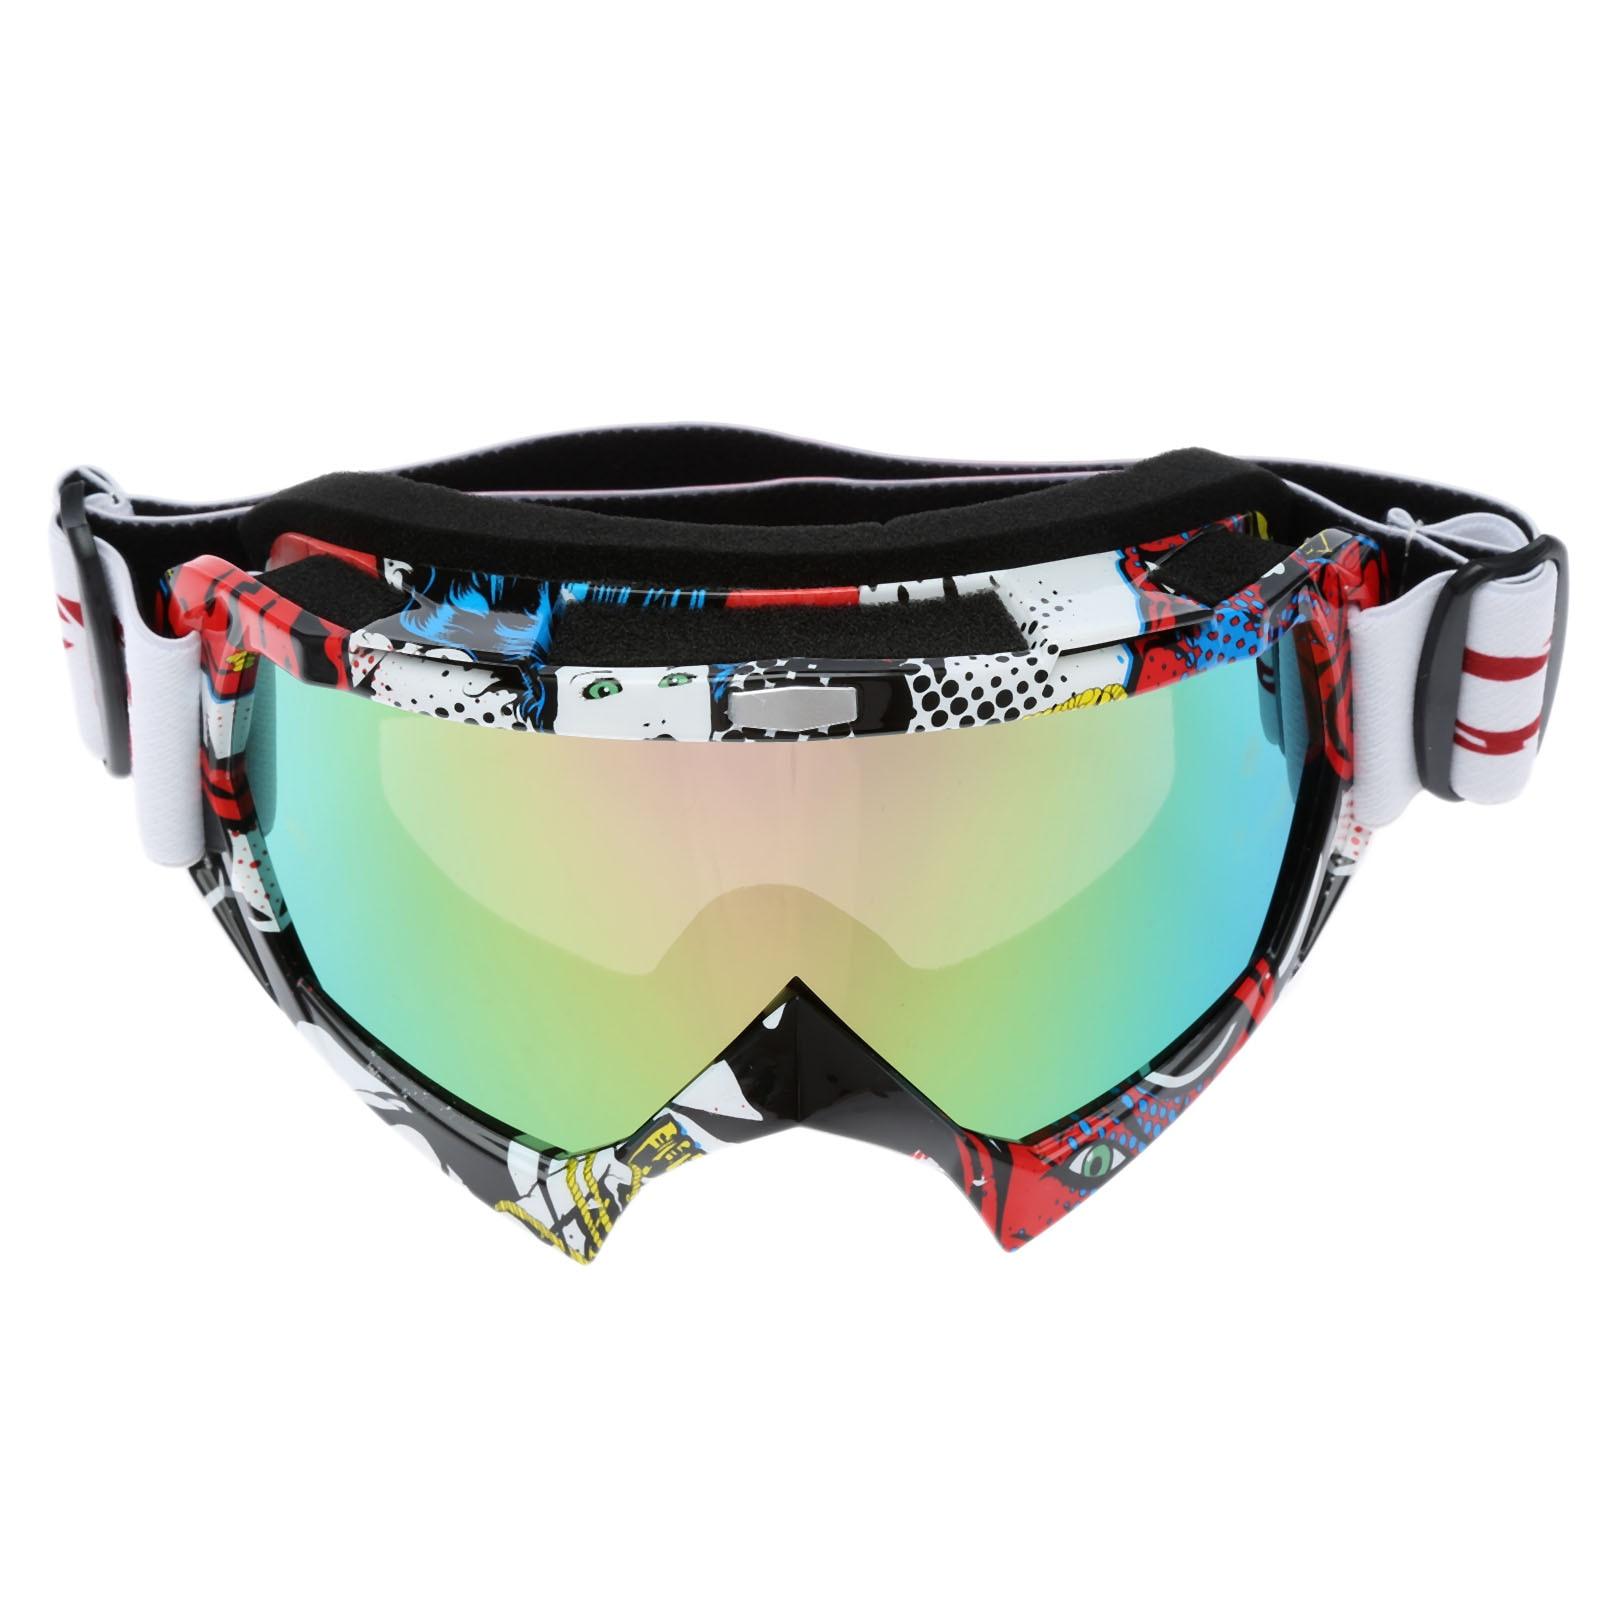 b8c15e350e Hombre mujer motocicleta Motocross gafas ciclismo gafas deporte cascos gafas  esquí Snowboard gafas para KTM FOX casco en Gafas de Coches y motos en ...